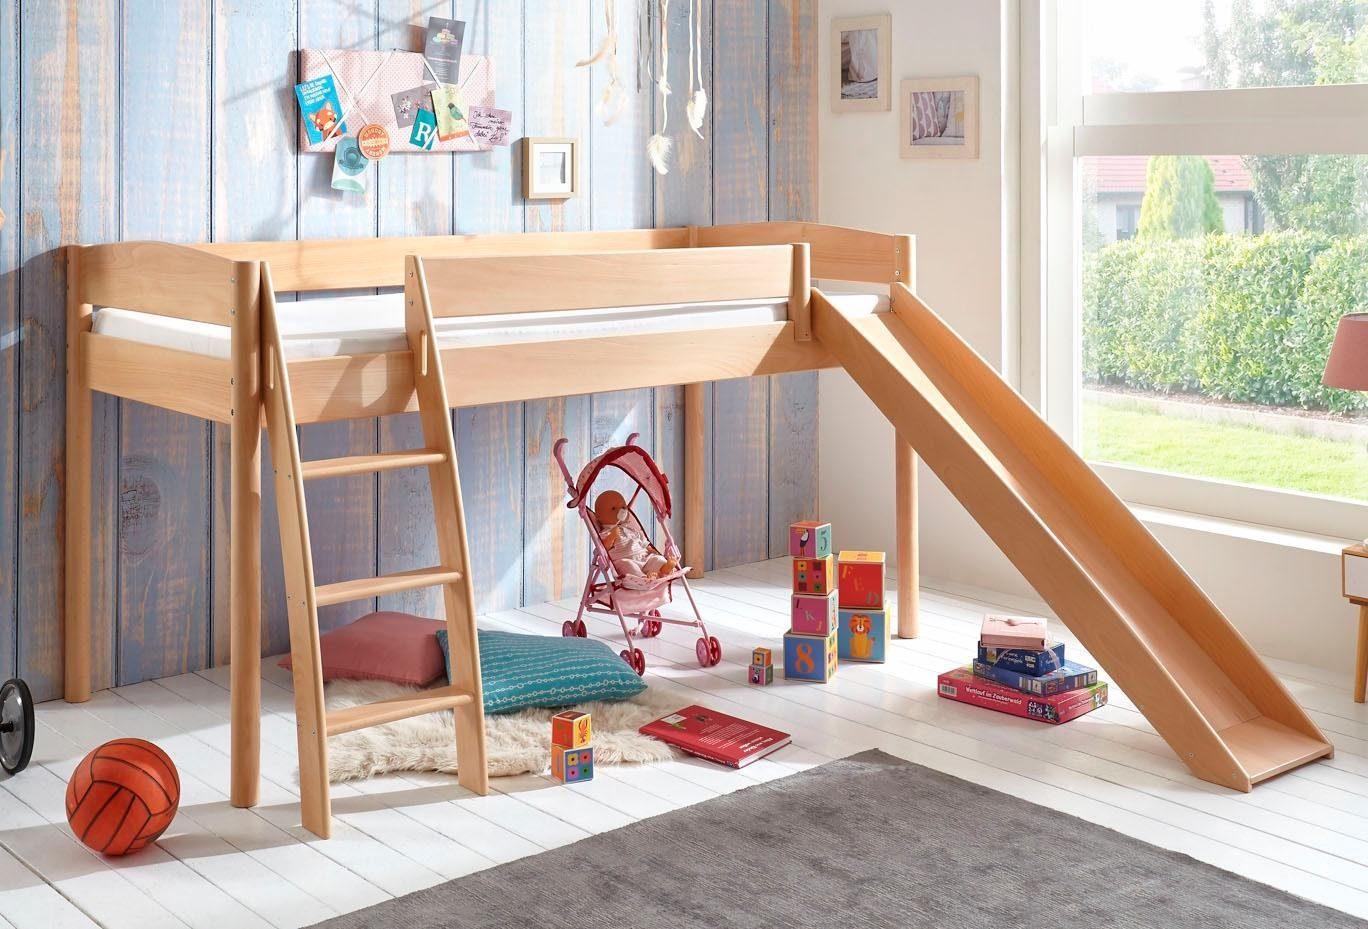 Klettergerüst Bett : Ich mache asmr i klettergerüst aufgebaut garten wird neu